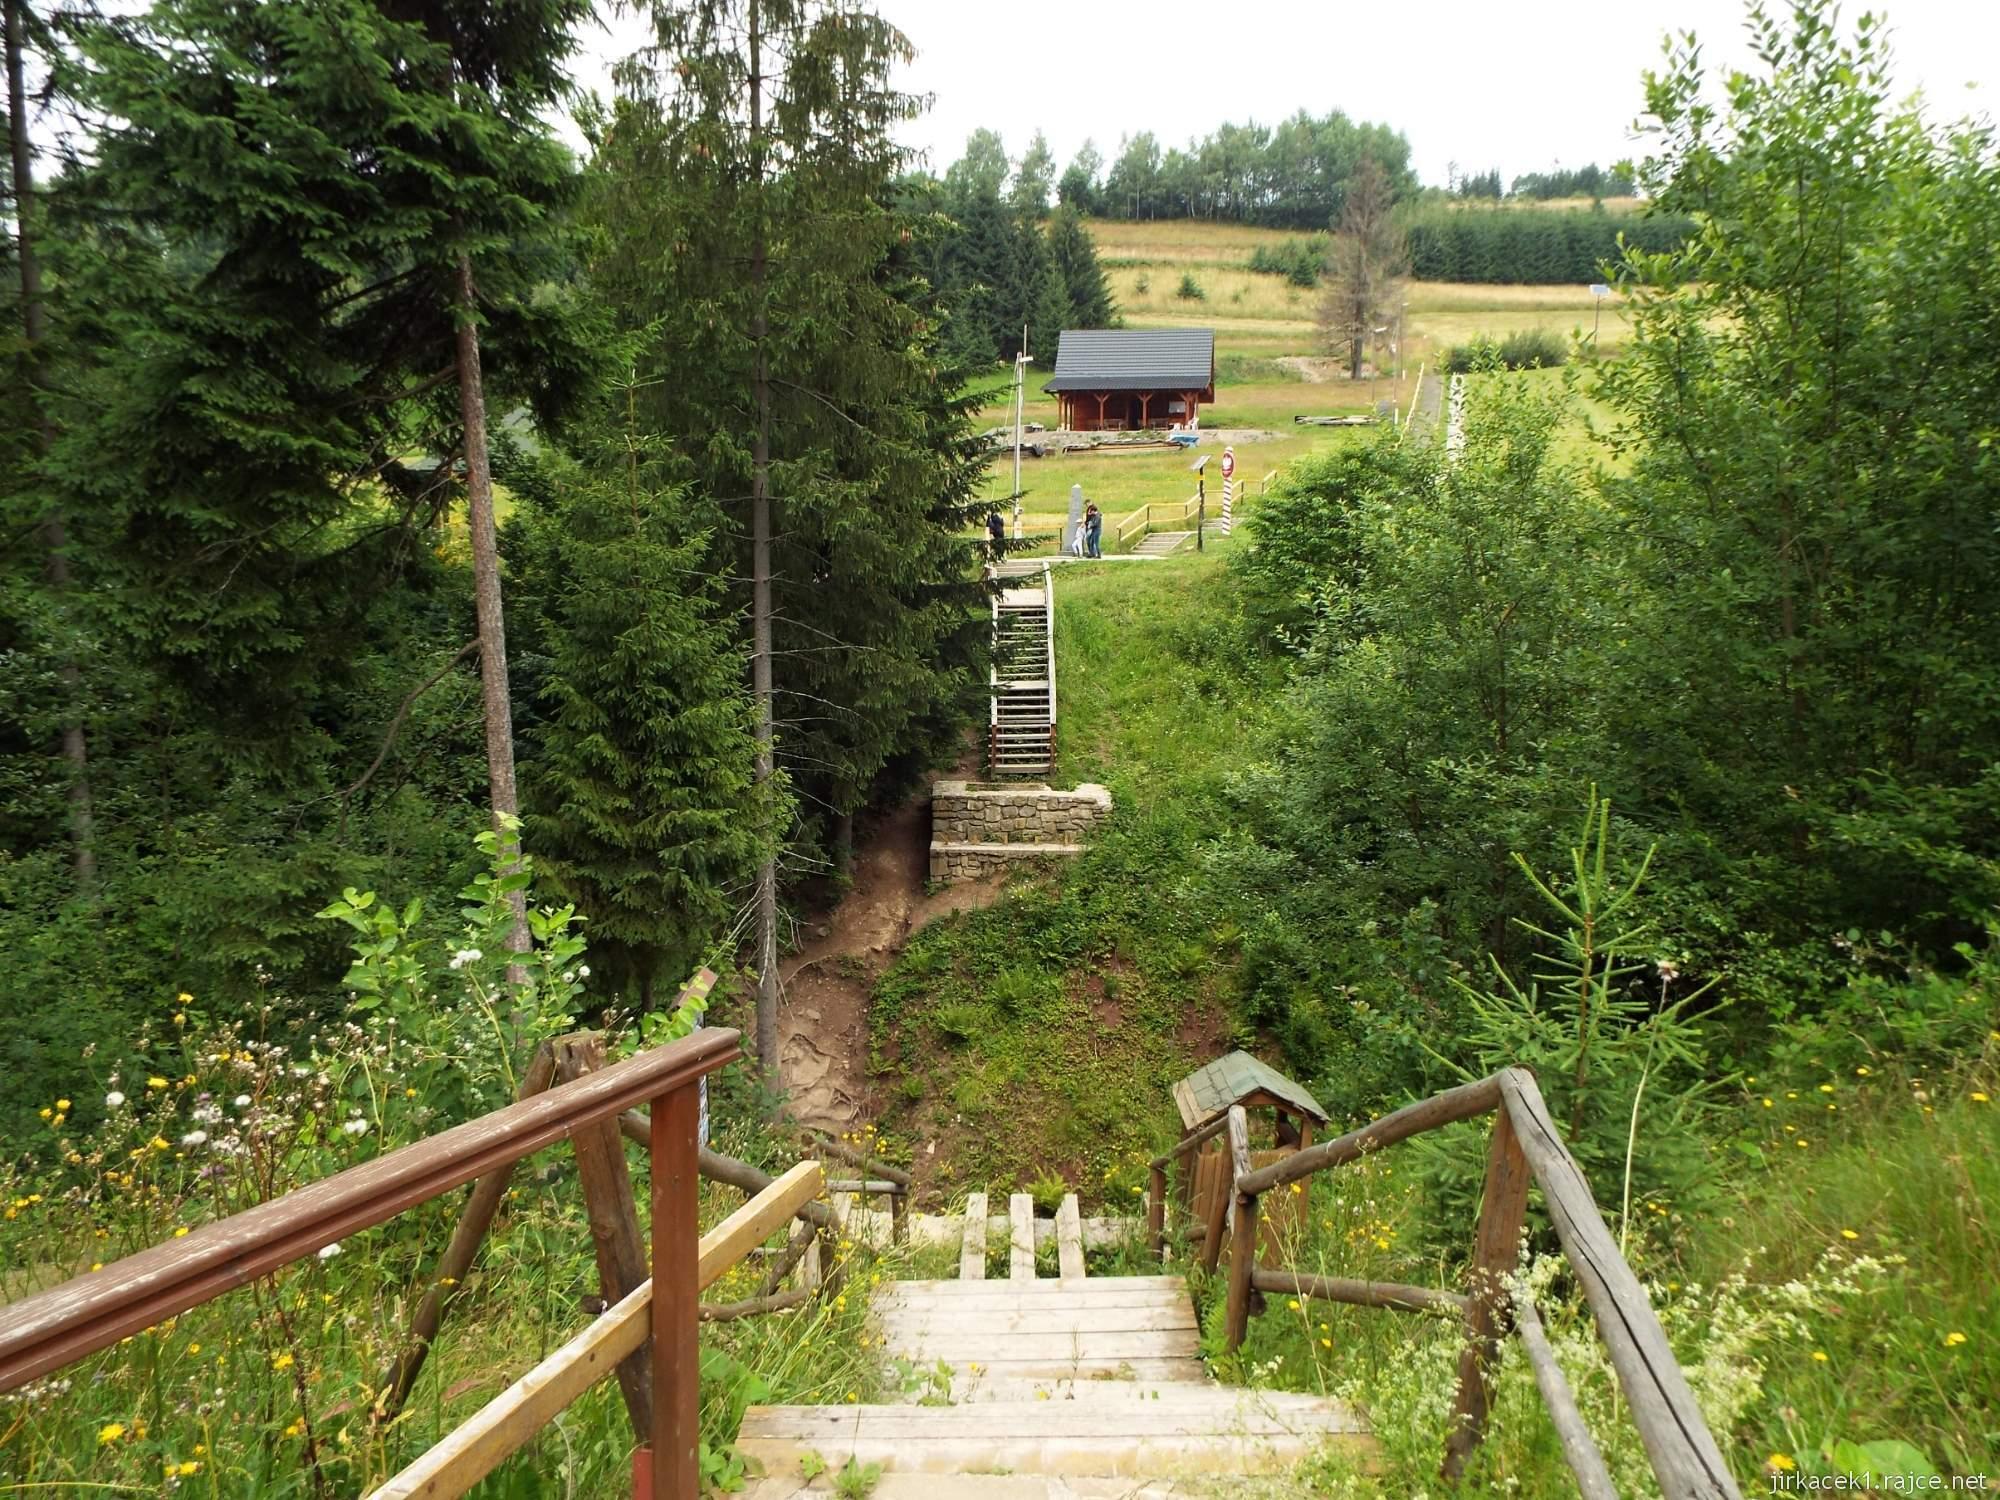 Trojmezí CZ-PL-SK - 55 - Trojmezí - pohled z SK přes potok na CZ a PL vpravo